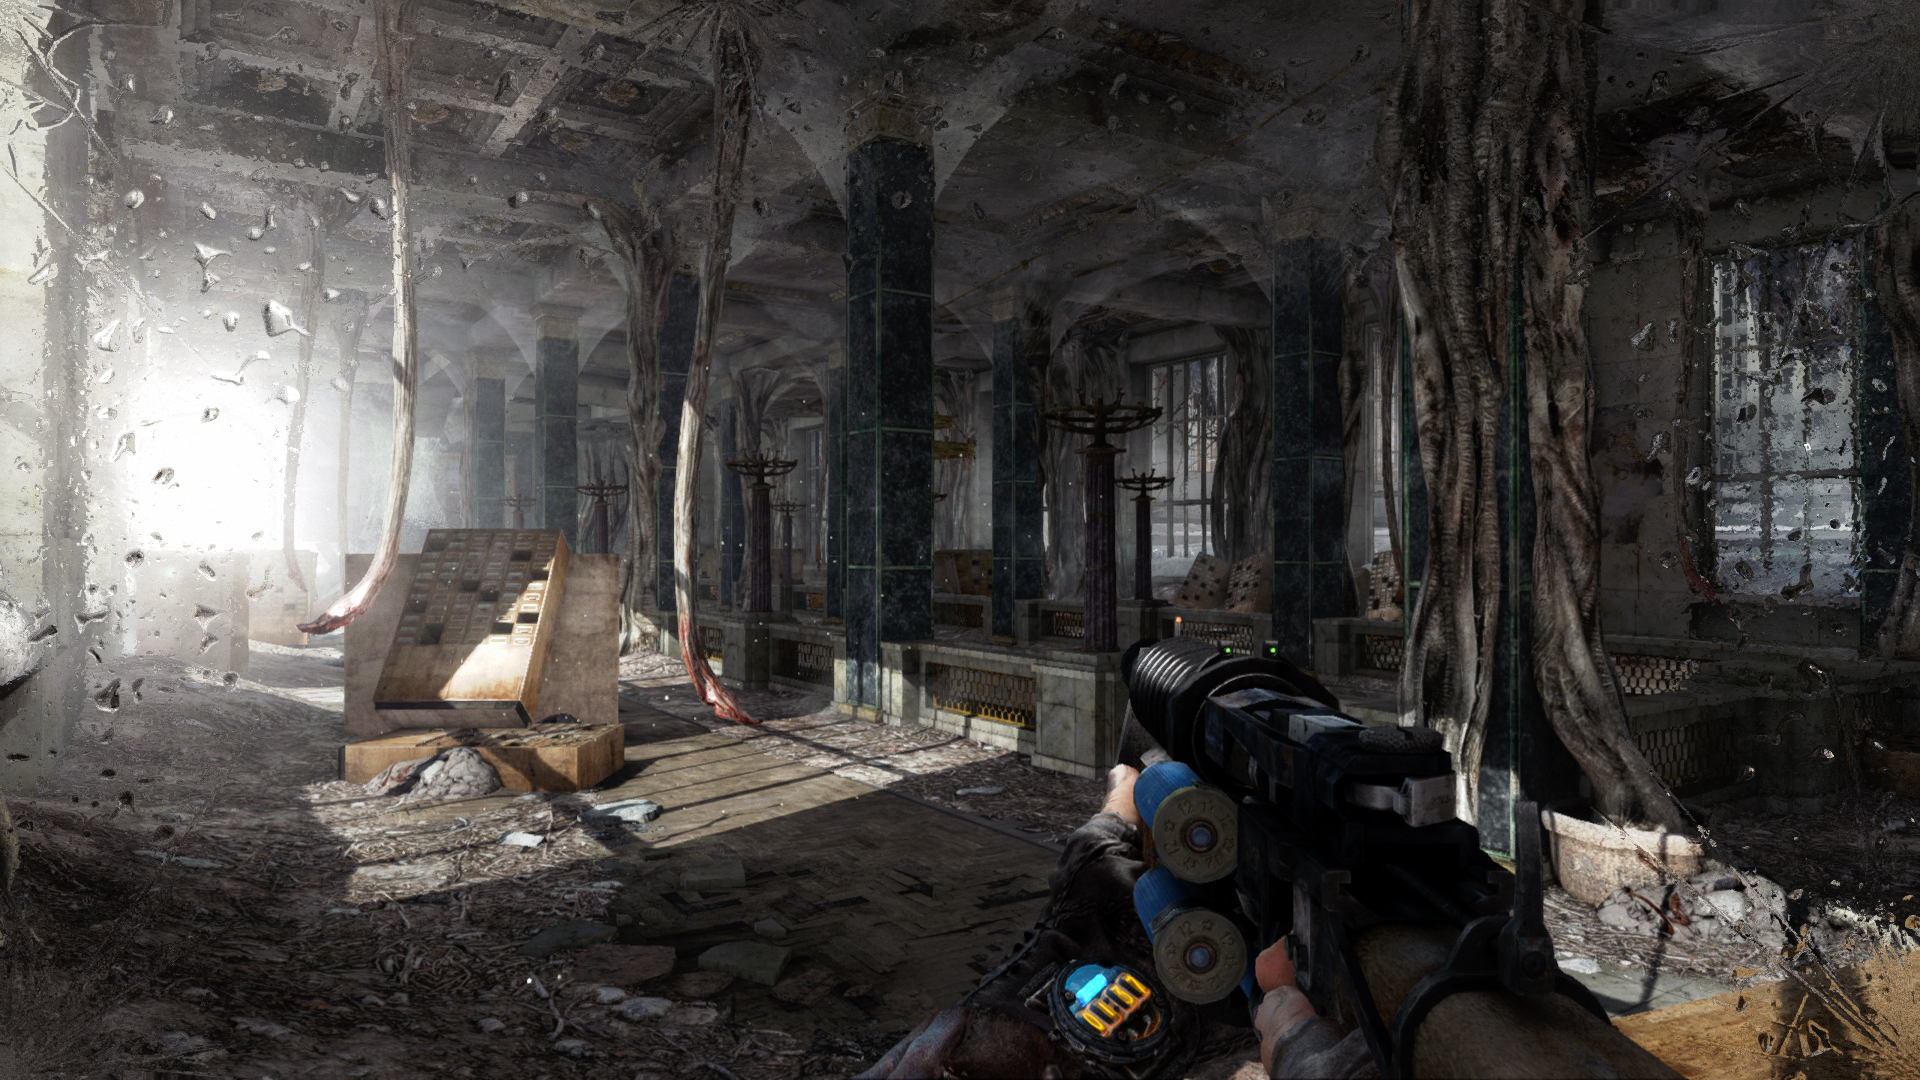 Uno scorcio di Metro 2033 Redux, come vedete la grafica è stata decisamente potenziata: luci, texture, dettagli